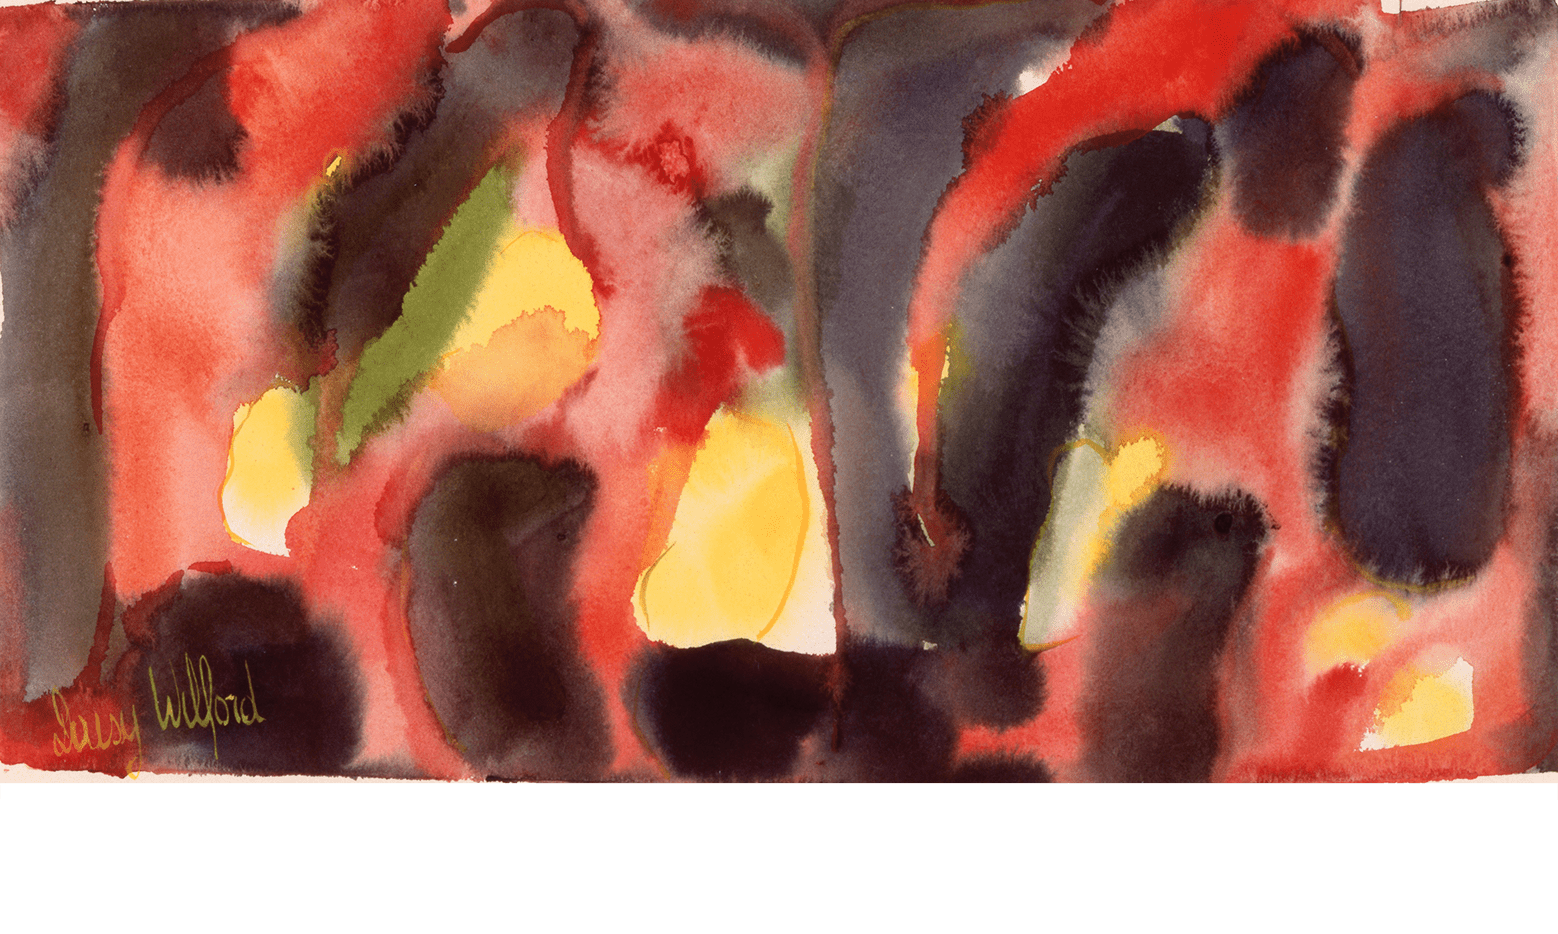 Nocturne (1987)